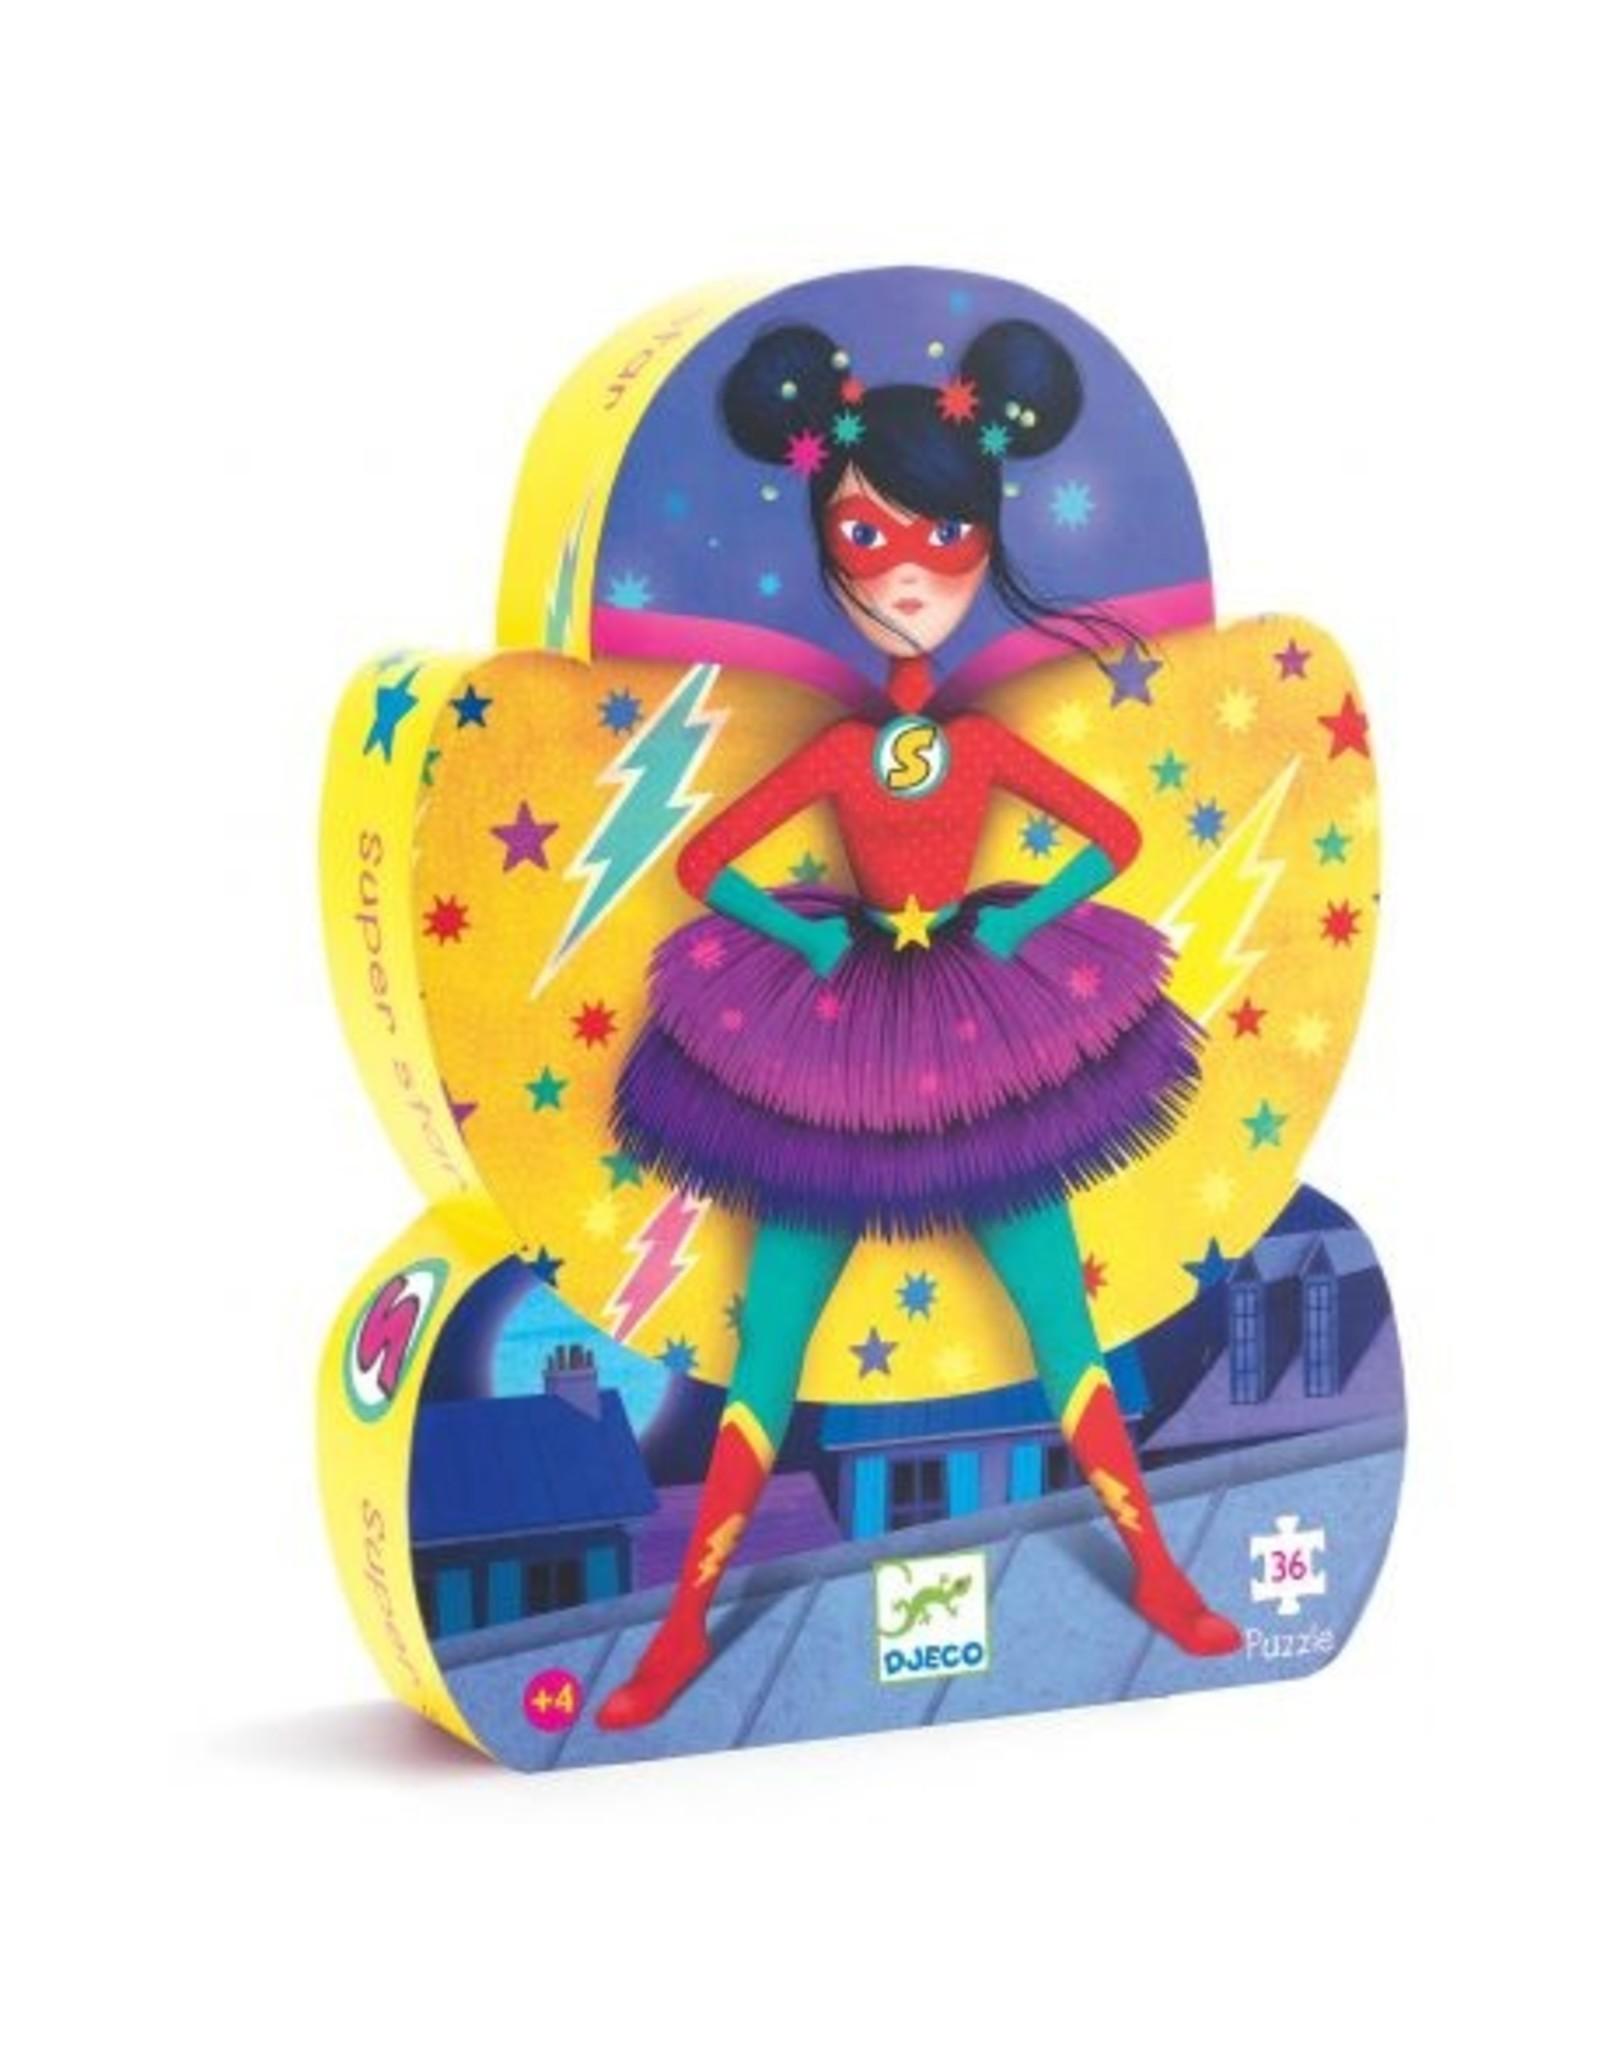 Djeco Silhouette puzzle Super star DJ07226